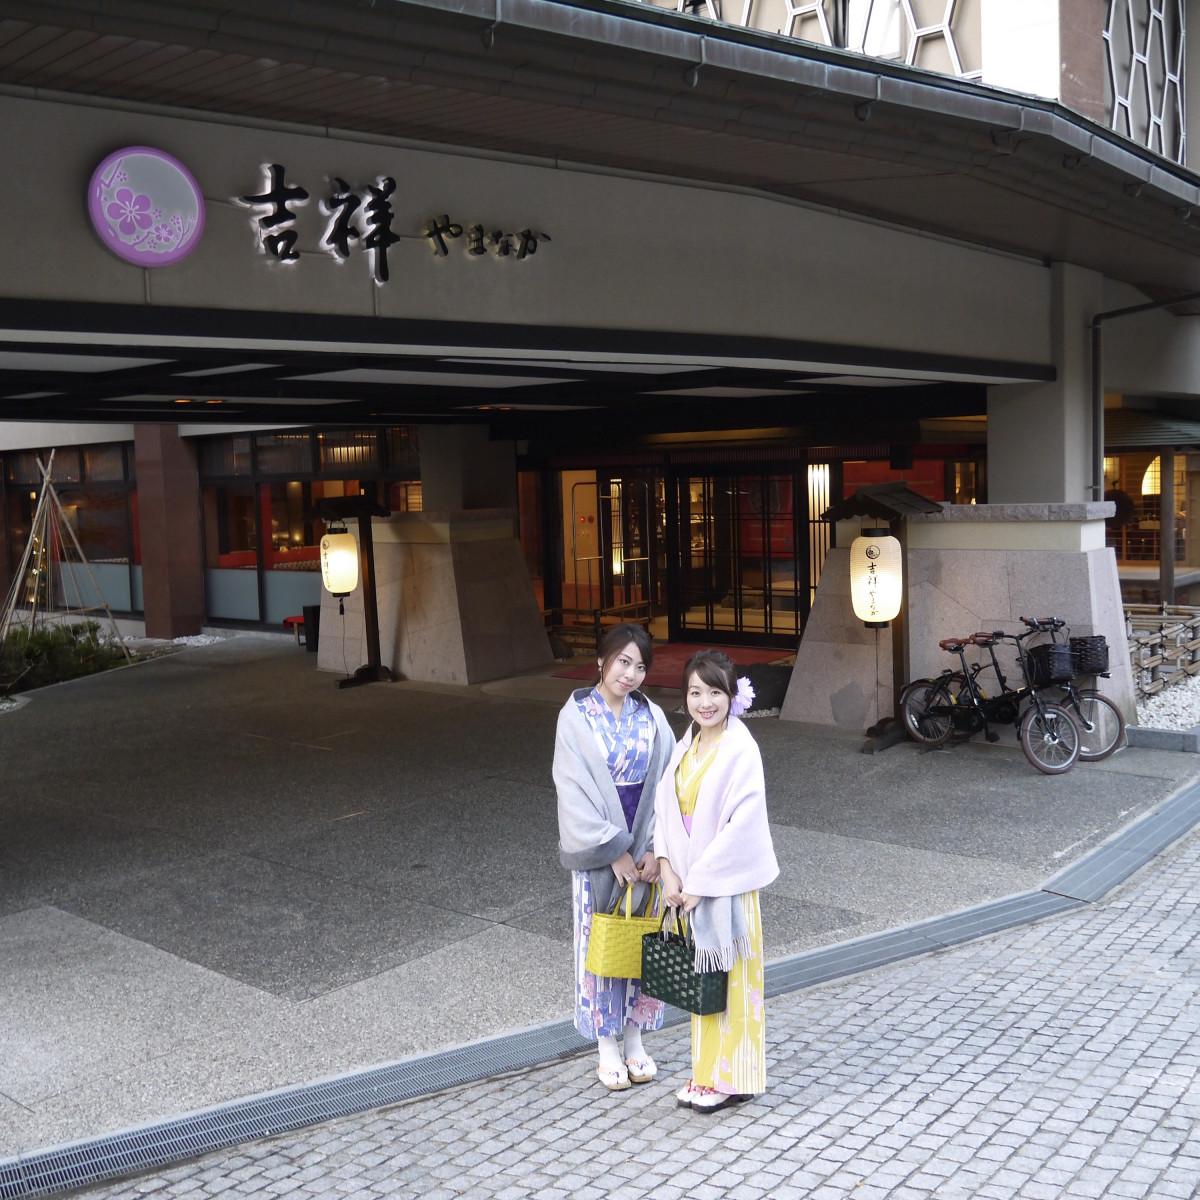 【女子旅】贅沢温泉宿で浴衣女子旅!美味すぎる日本酒情報も*吉祥やまなかレポート前編_1_1